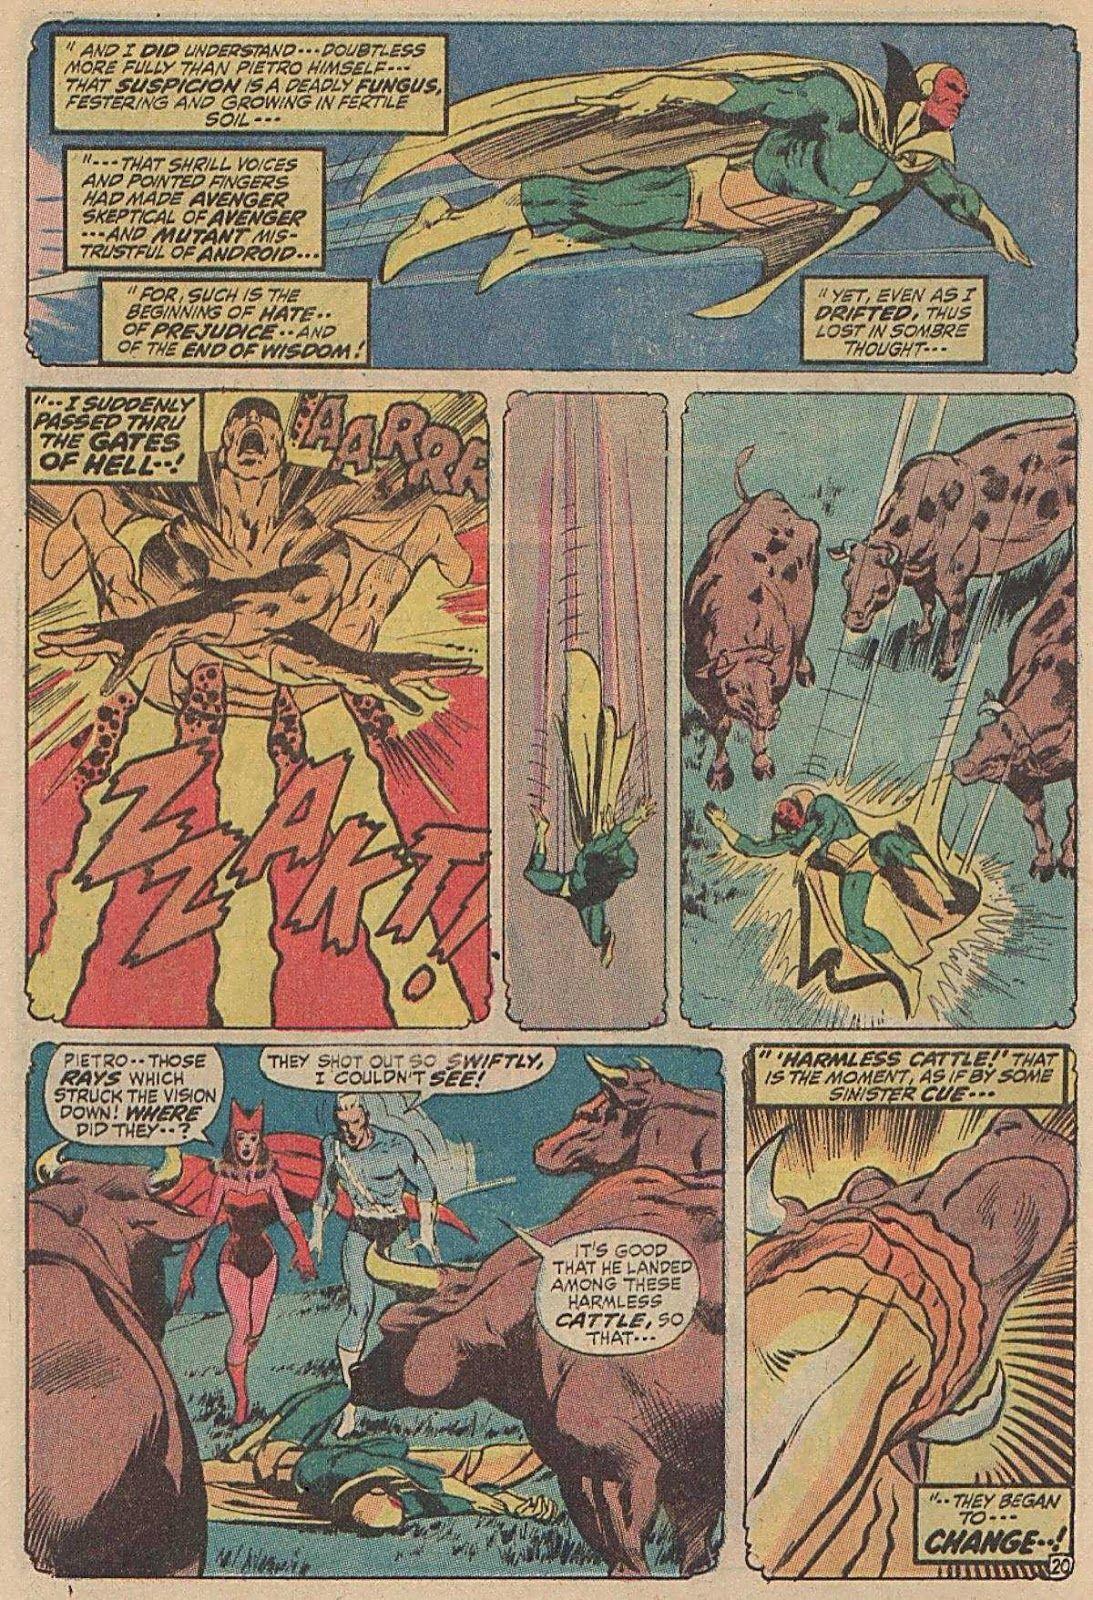 Avengers #93 (Written by Roy Thomas, Art by Neal Adams)